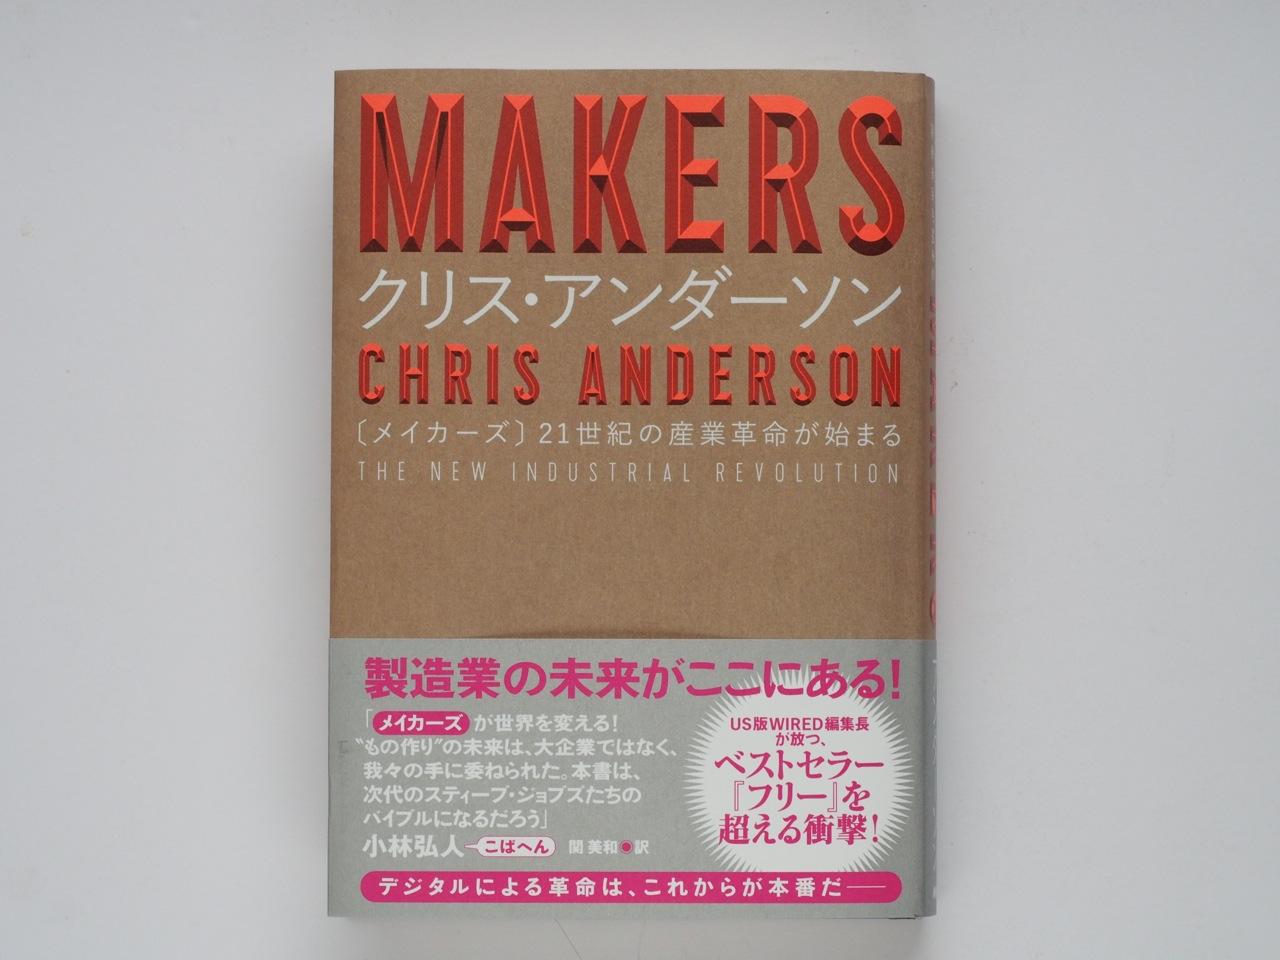 新産業革命がおこるという本の感想